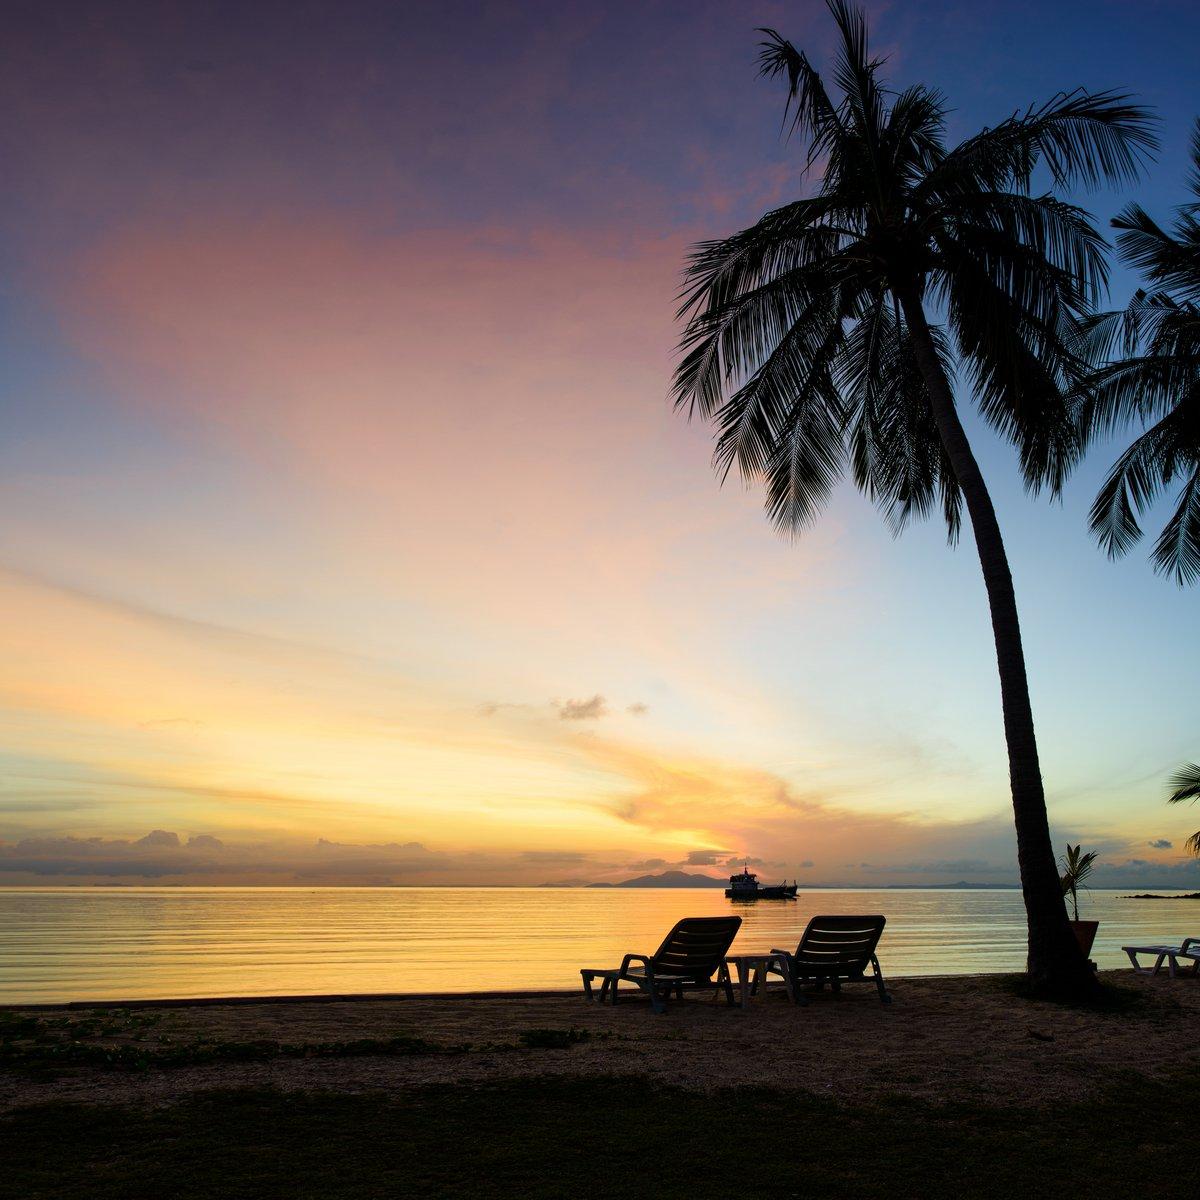 Постер Таиланд Красивый восход солнца на Пляж с пальмамиТаиланд<br>Постер на холсте или бумаге. Любого нужного вам размера. В раме или без. Подвес в комплекте. Трехслойная надежная упаковка. Доставим в любую точку России. Вам осталось только повесить картину на стену!<br>